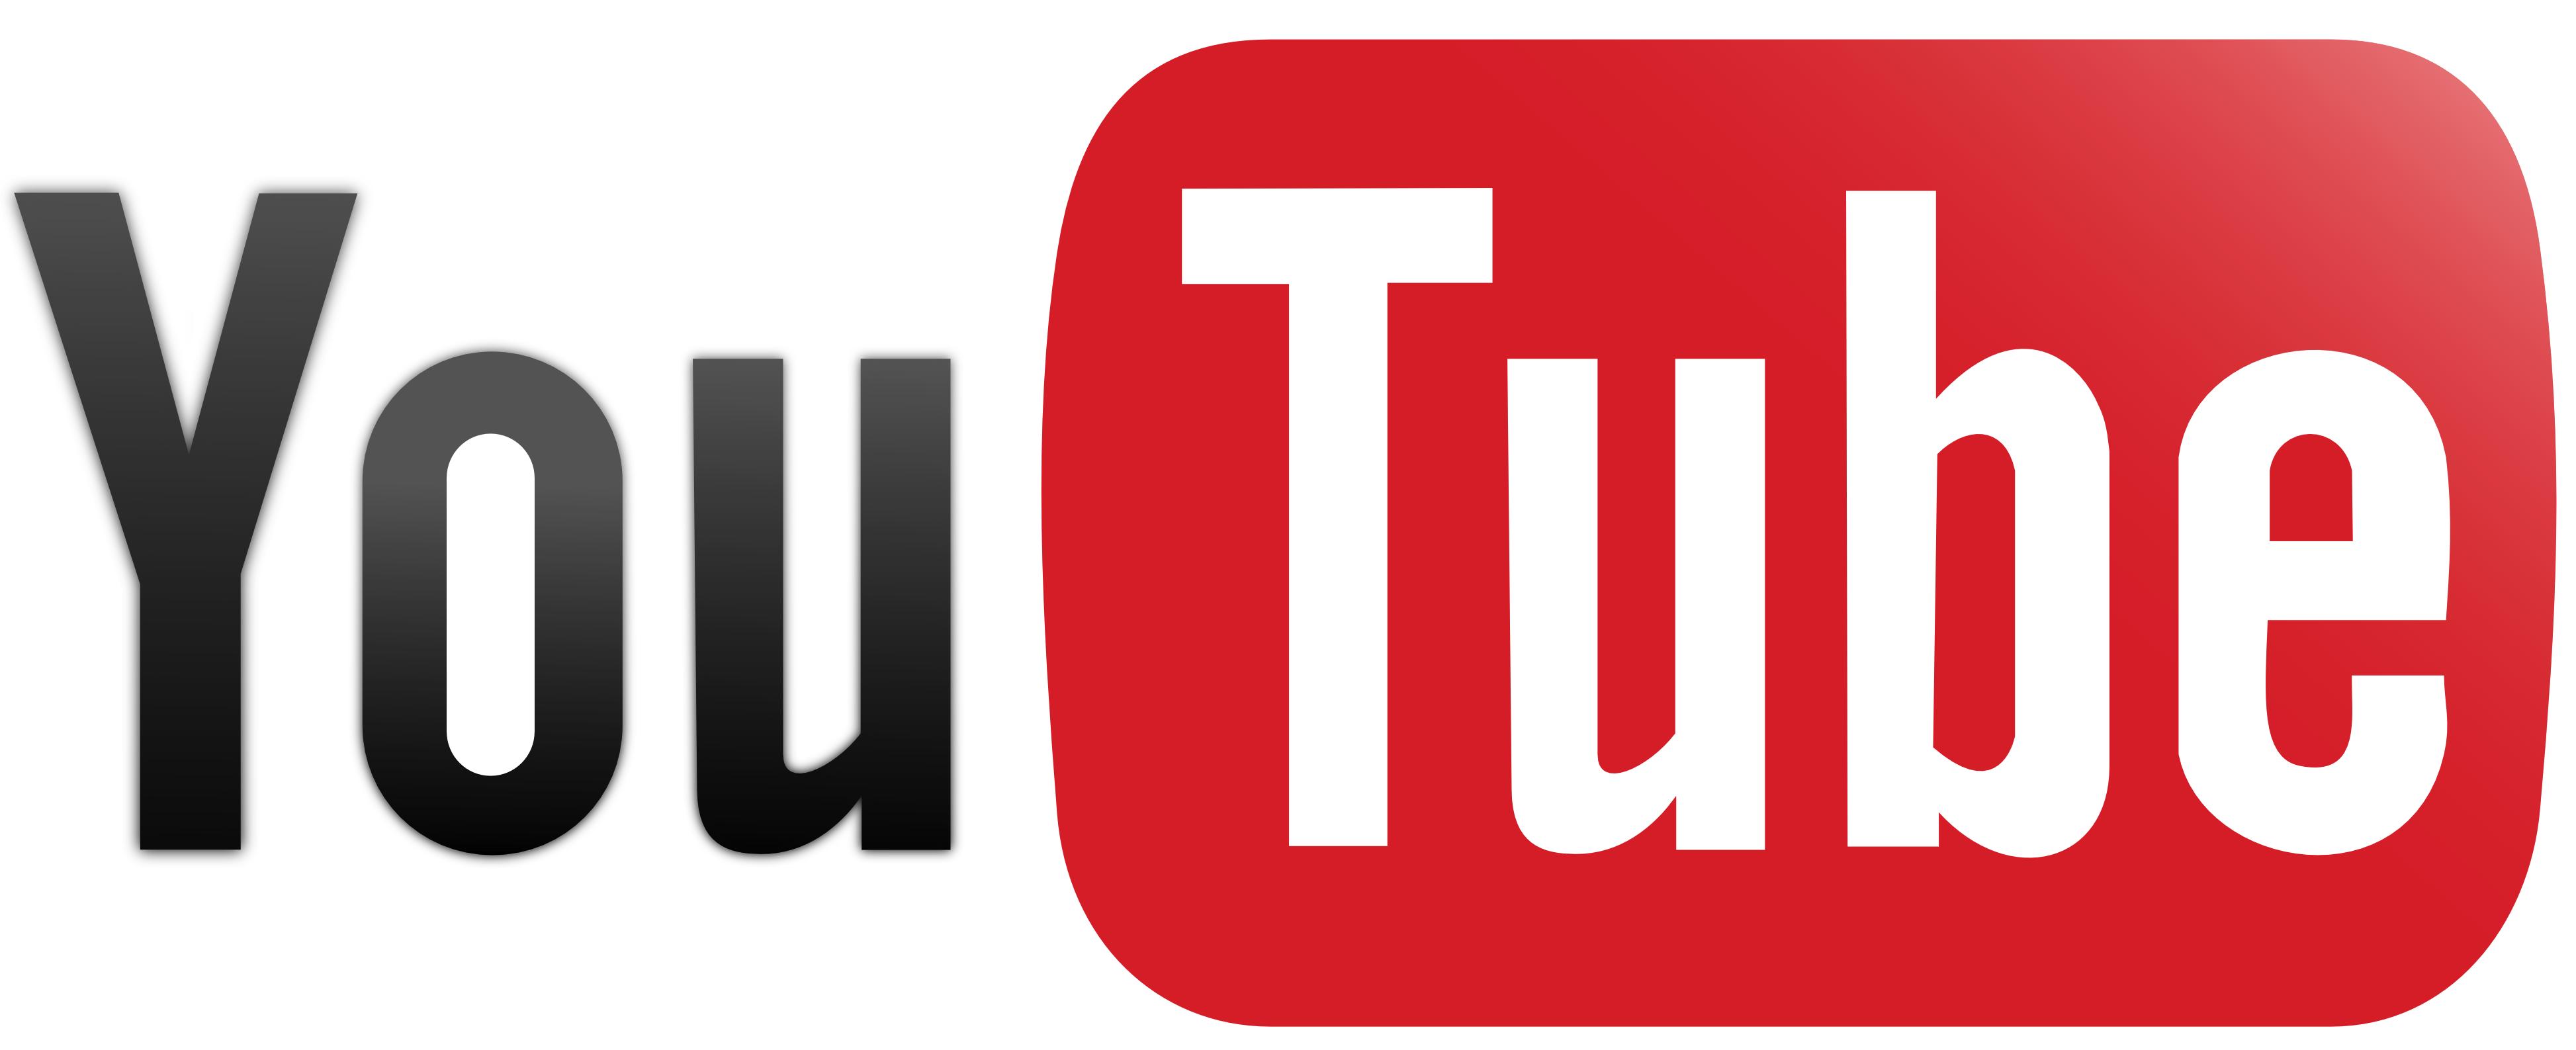 youtube_logo_by_x_1337_x-d5ikww5